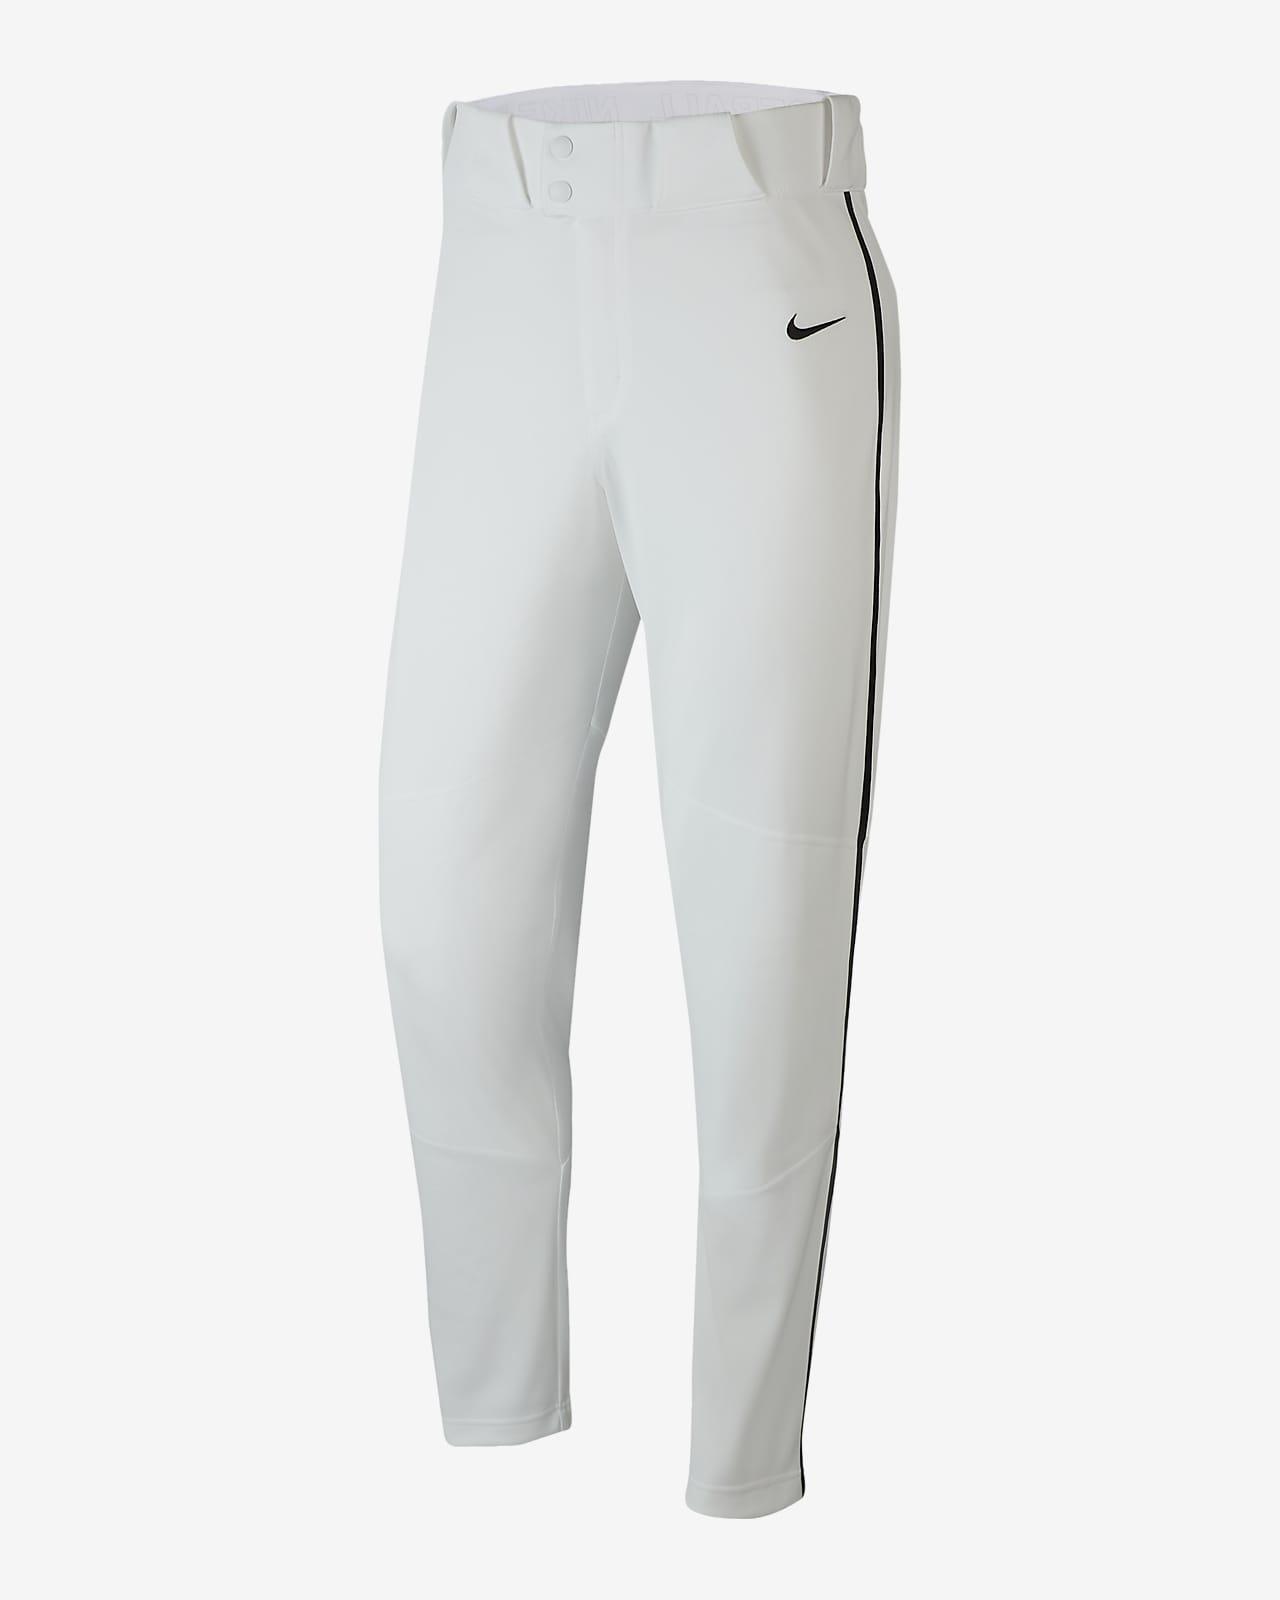 Nike Vapor Select Men's Baseball Pants